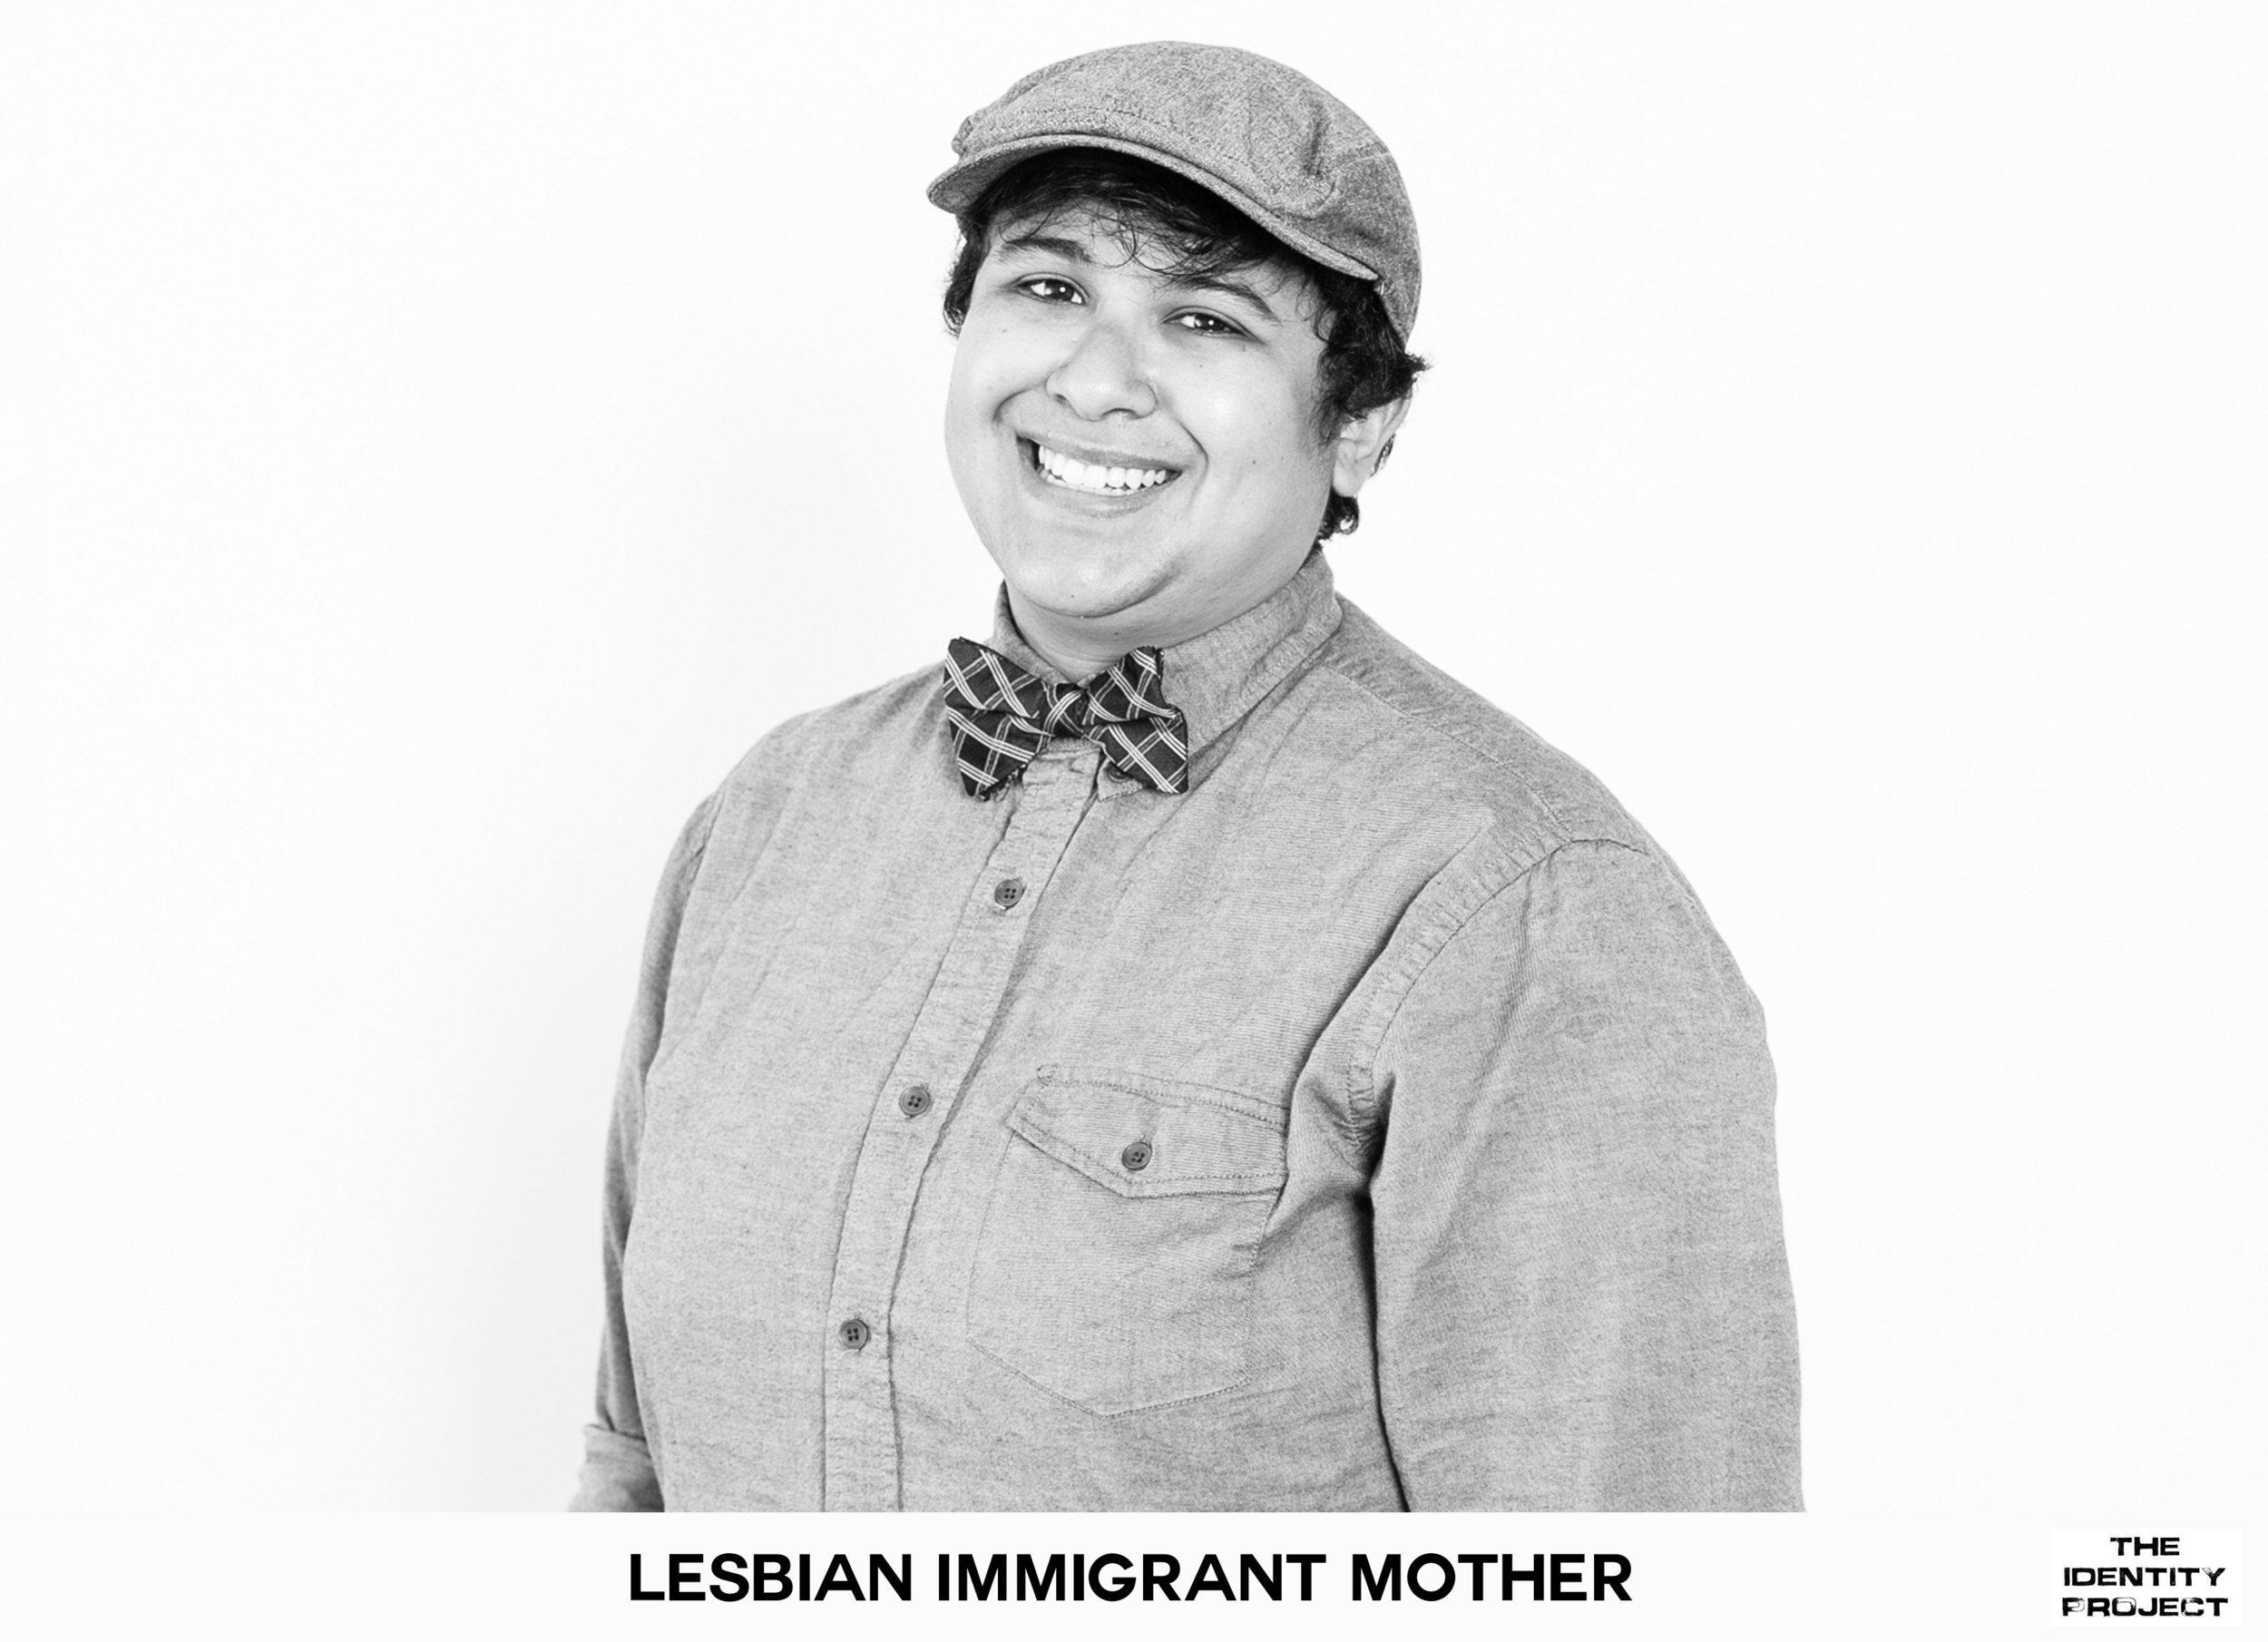 Lesbian_Immigrant_Mother_Framed.jpg